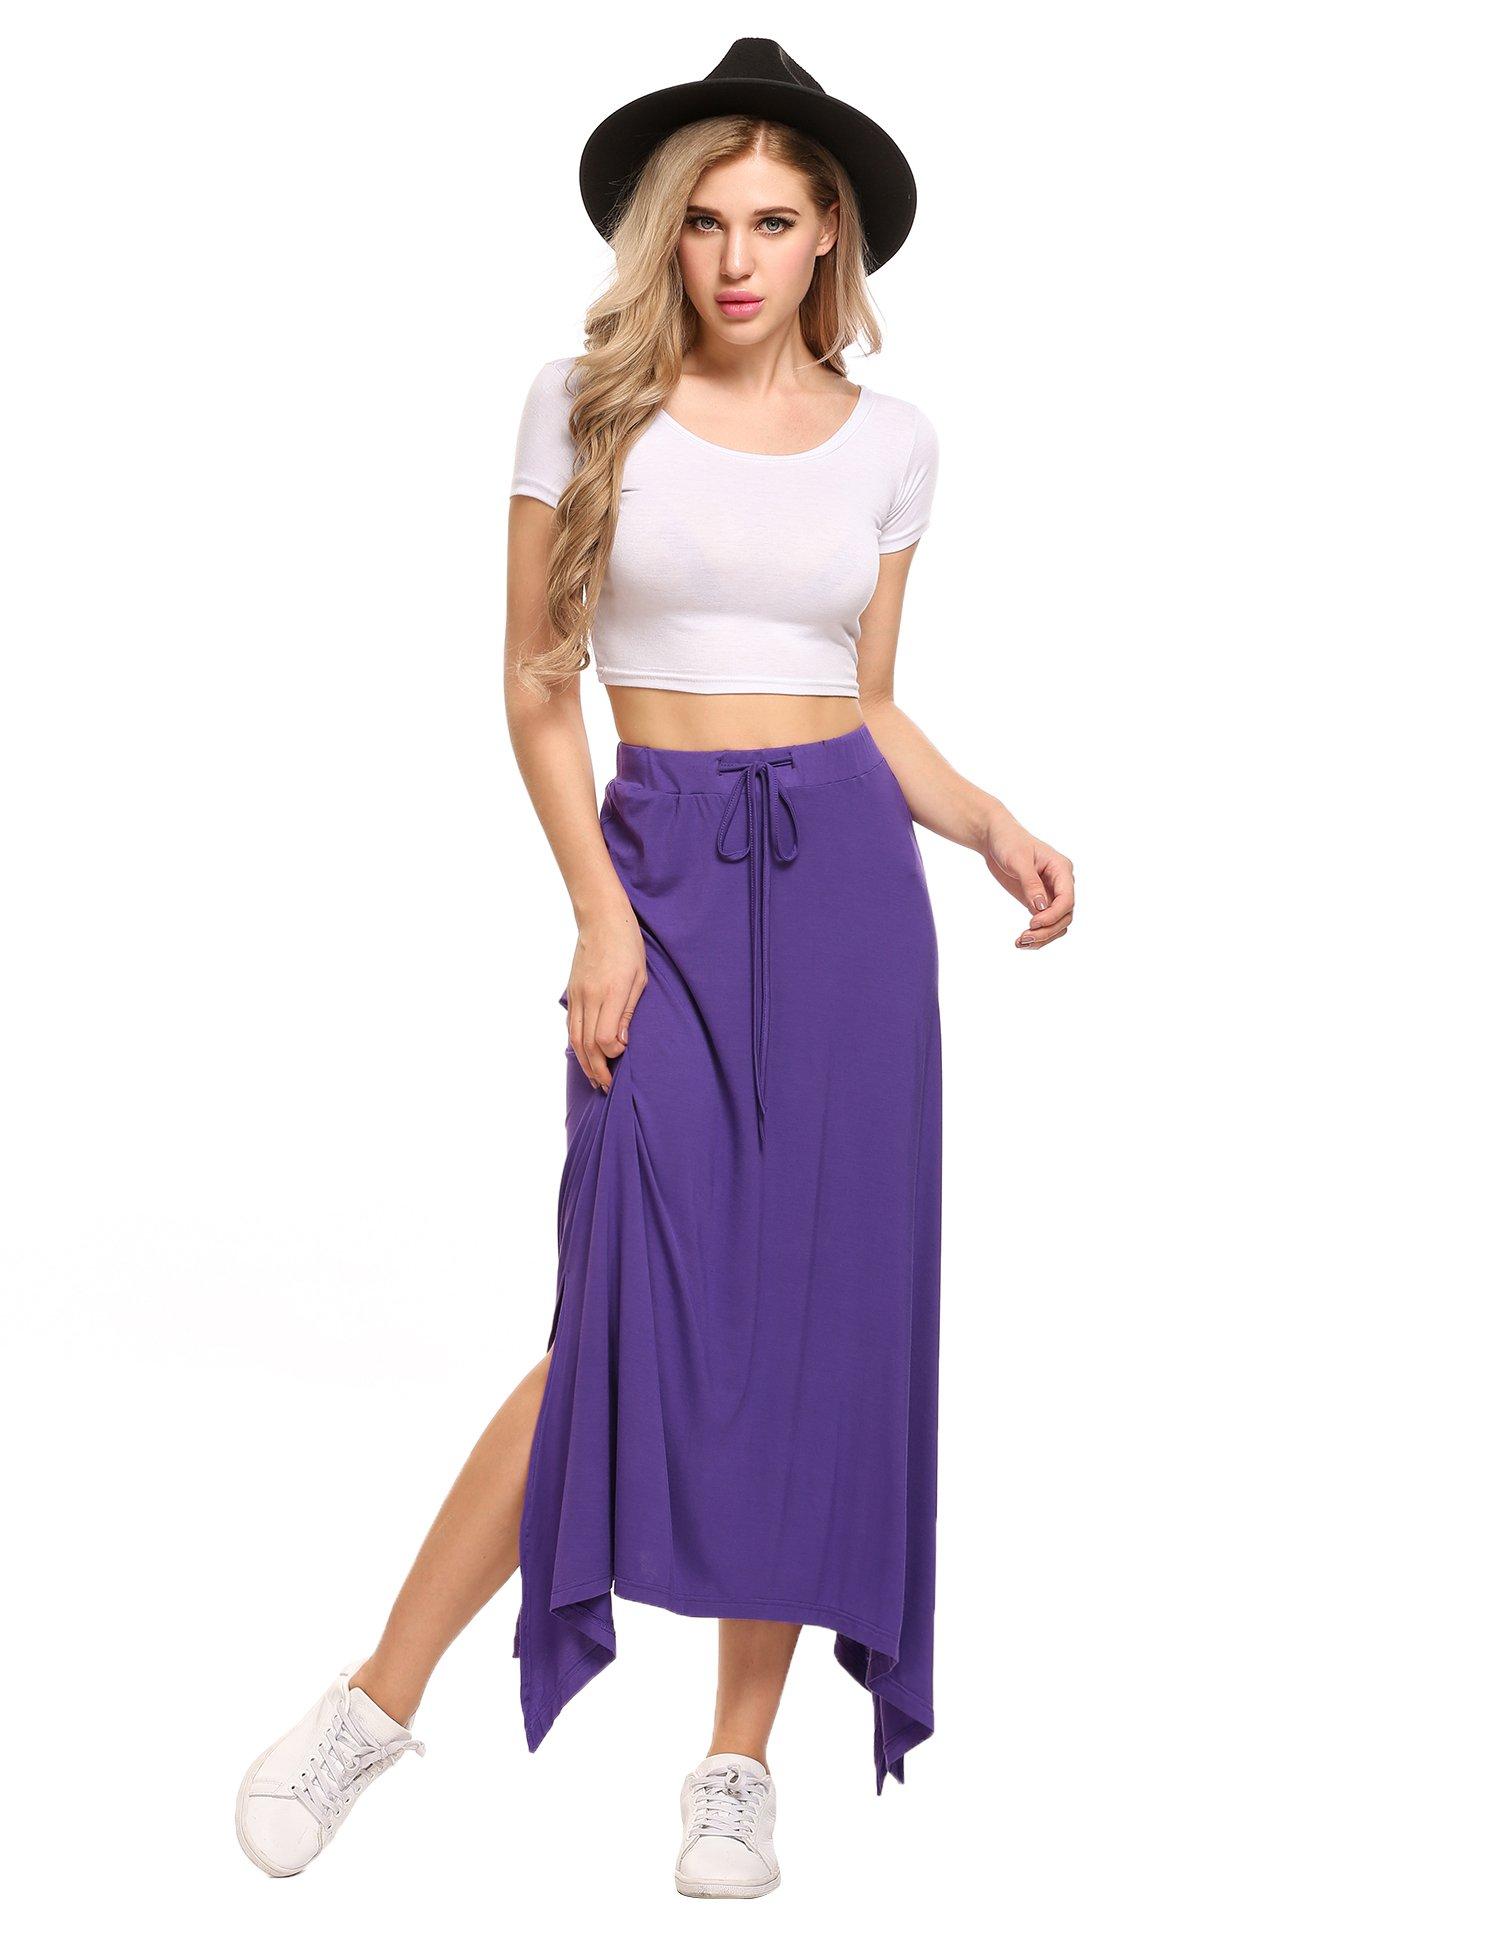 Zeagoo Women's Maxi Skirt   Active Skirt with WAISTBAND   Open Fork Skirt   Lightweight Floor Length  Violet,Small